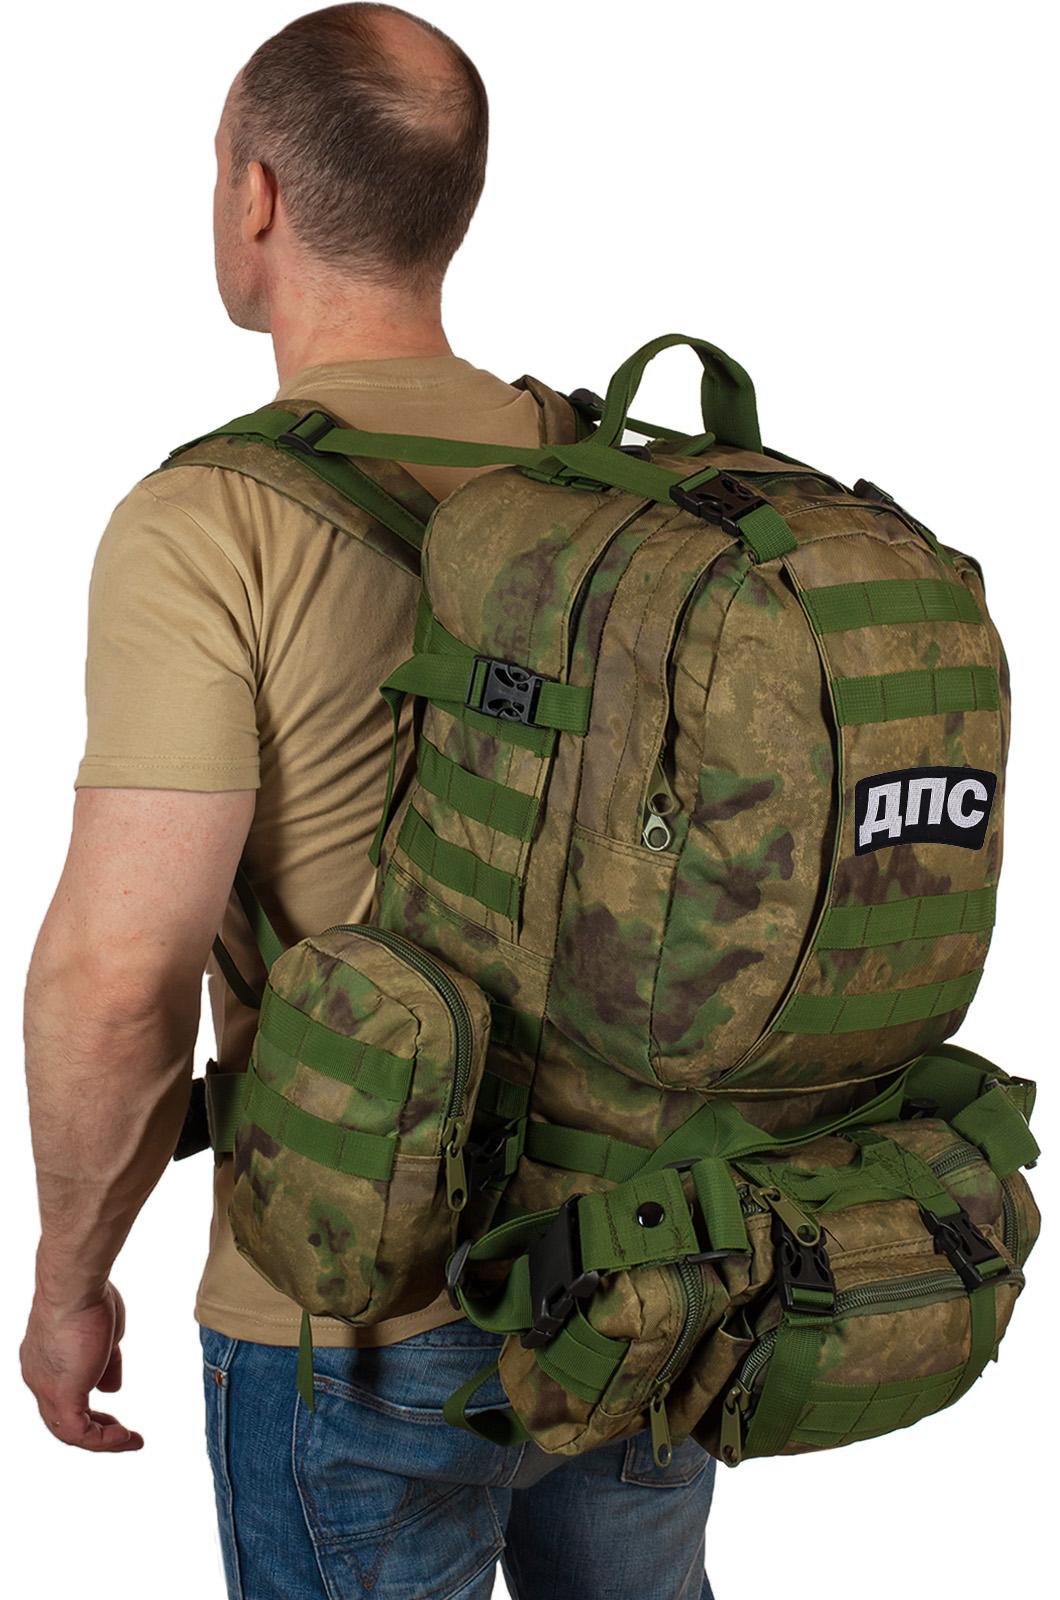 Армейский большой рюкзак-трансформер ДПС - заказать оптом